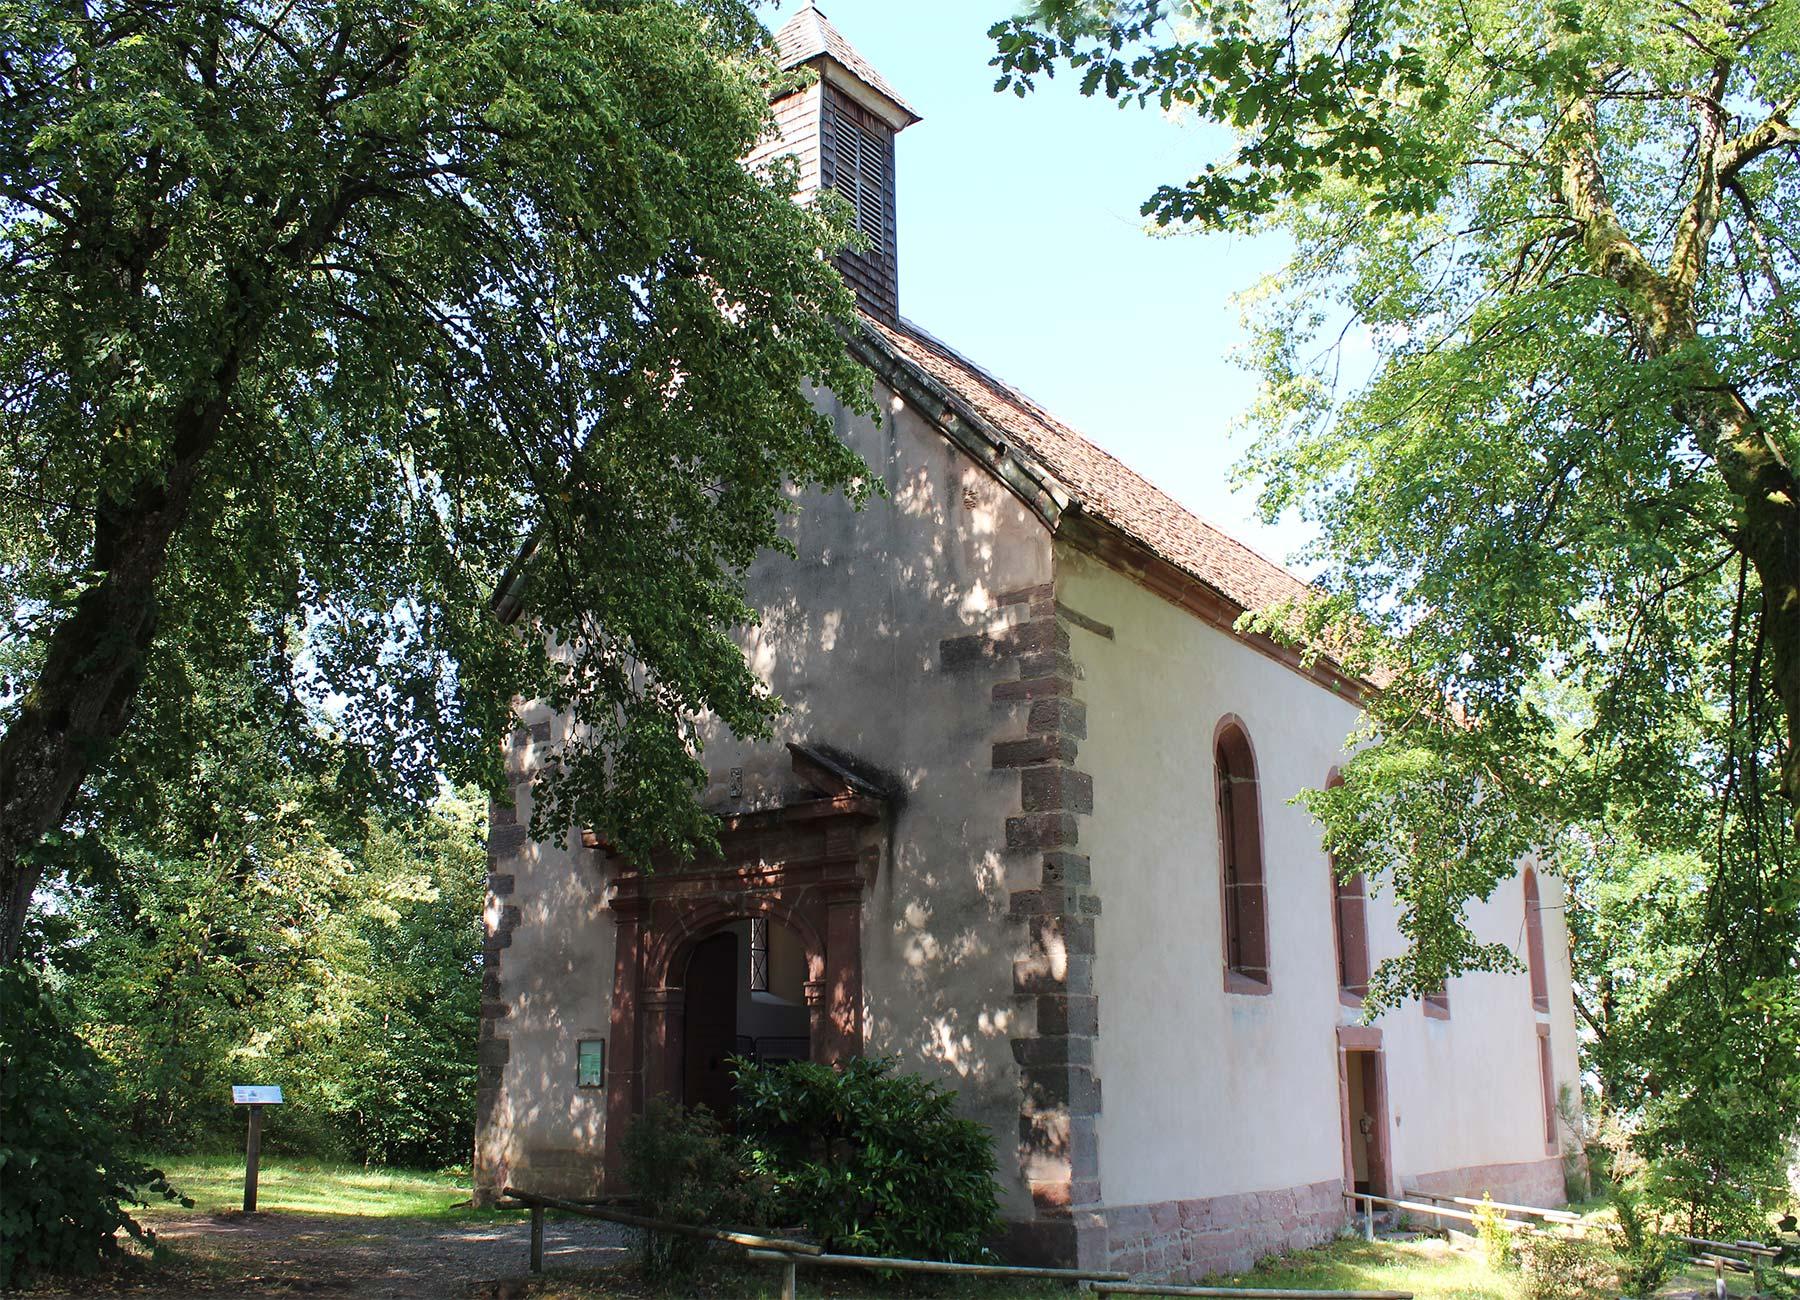 Office de tourisme du pays de saverne mont saint michel - Office du tourisme de st jean de monts ...